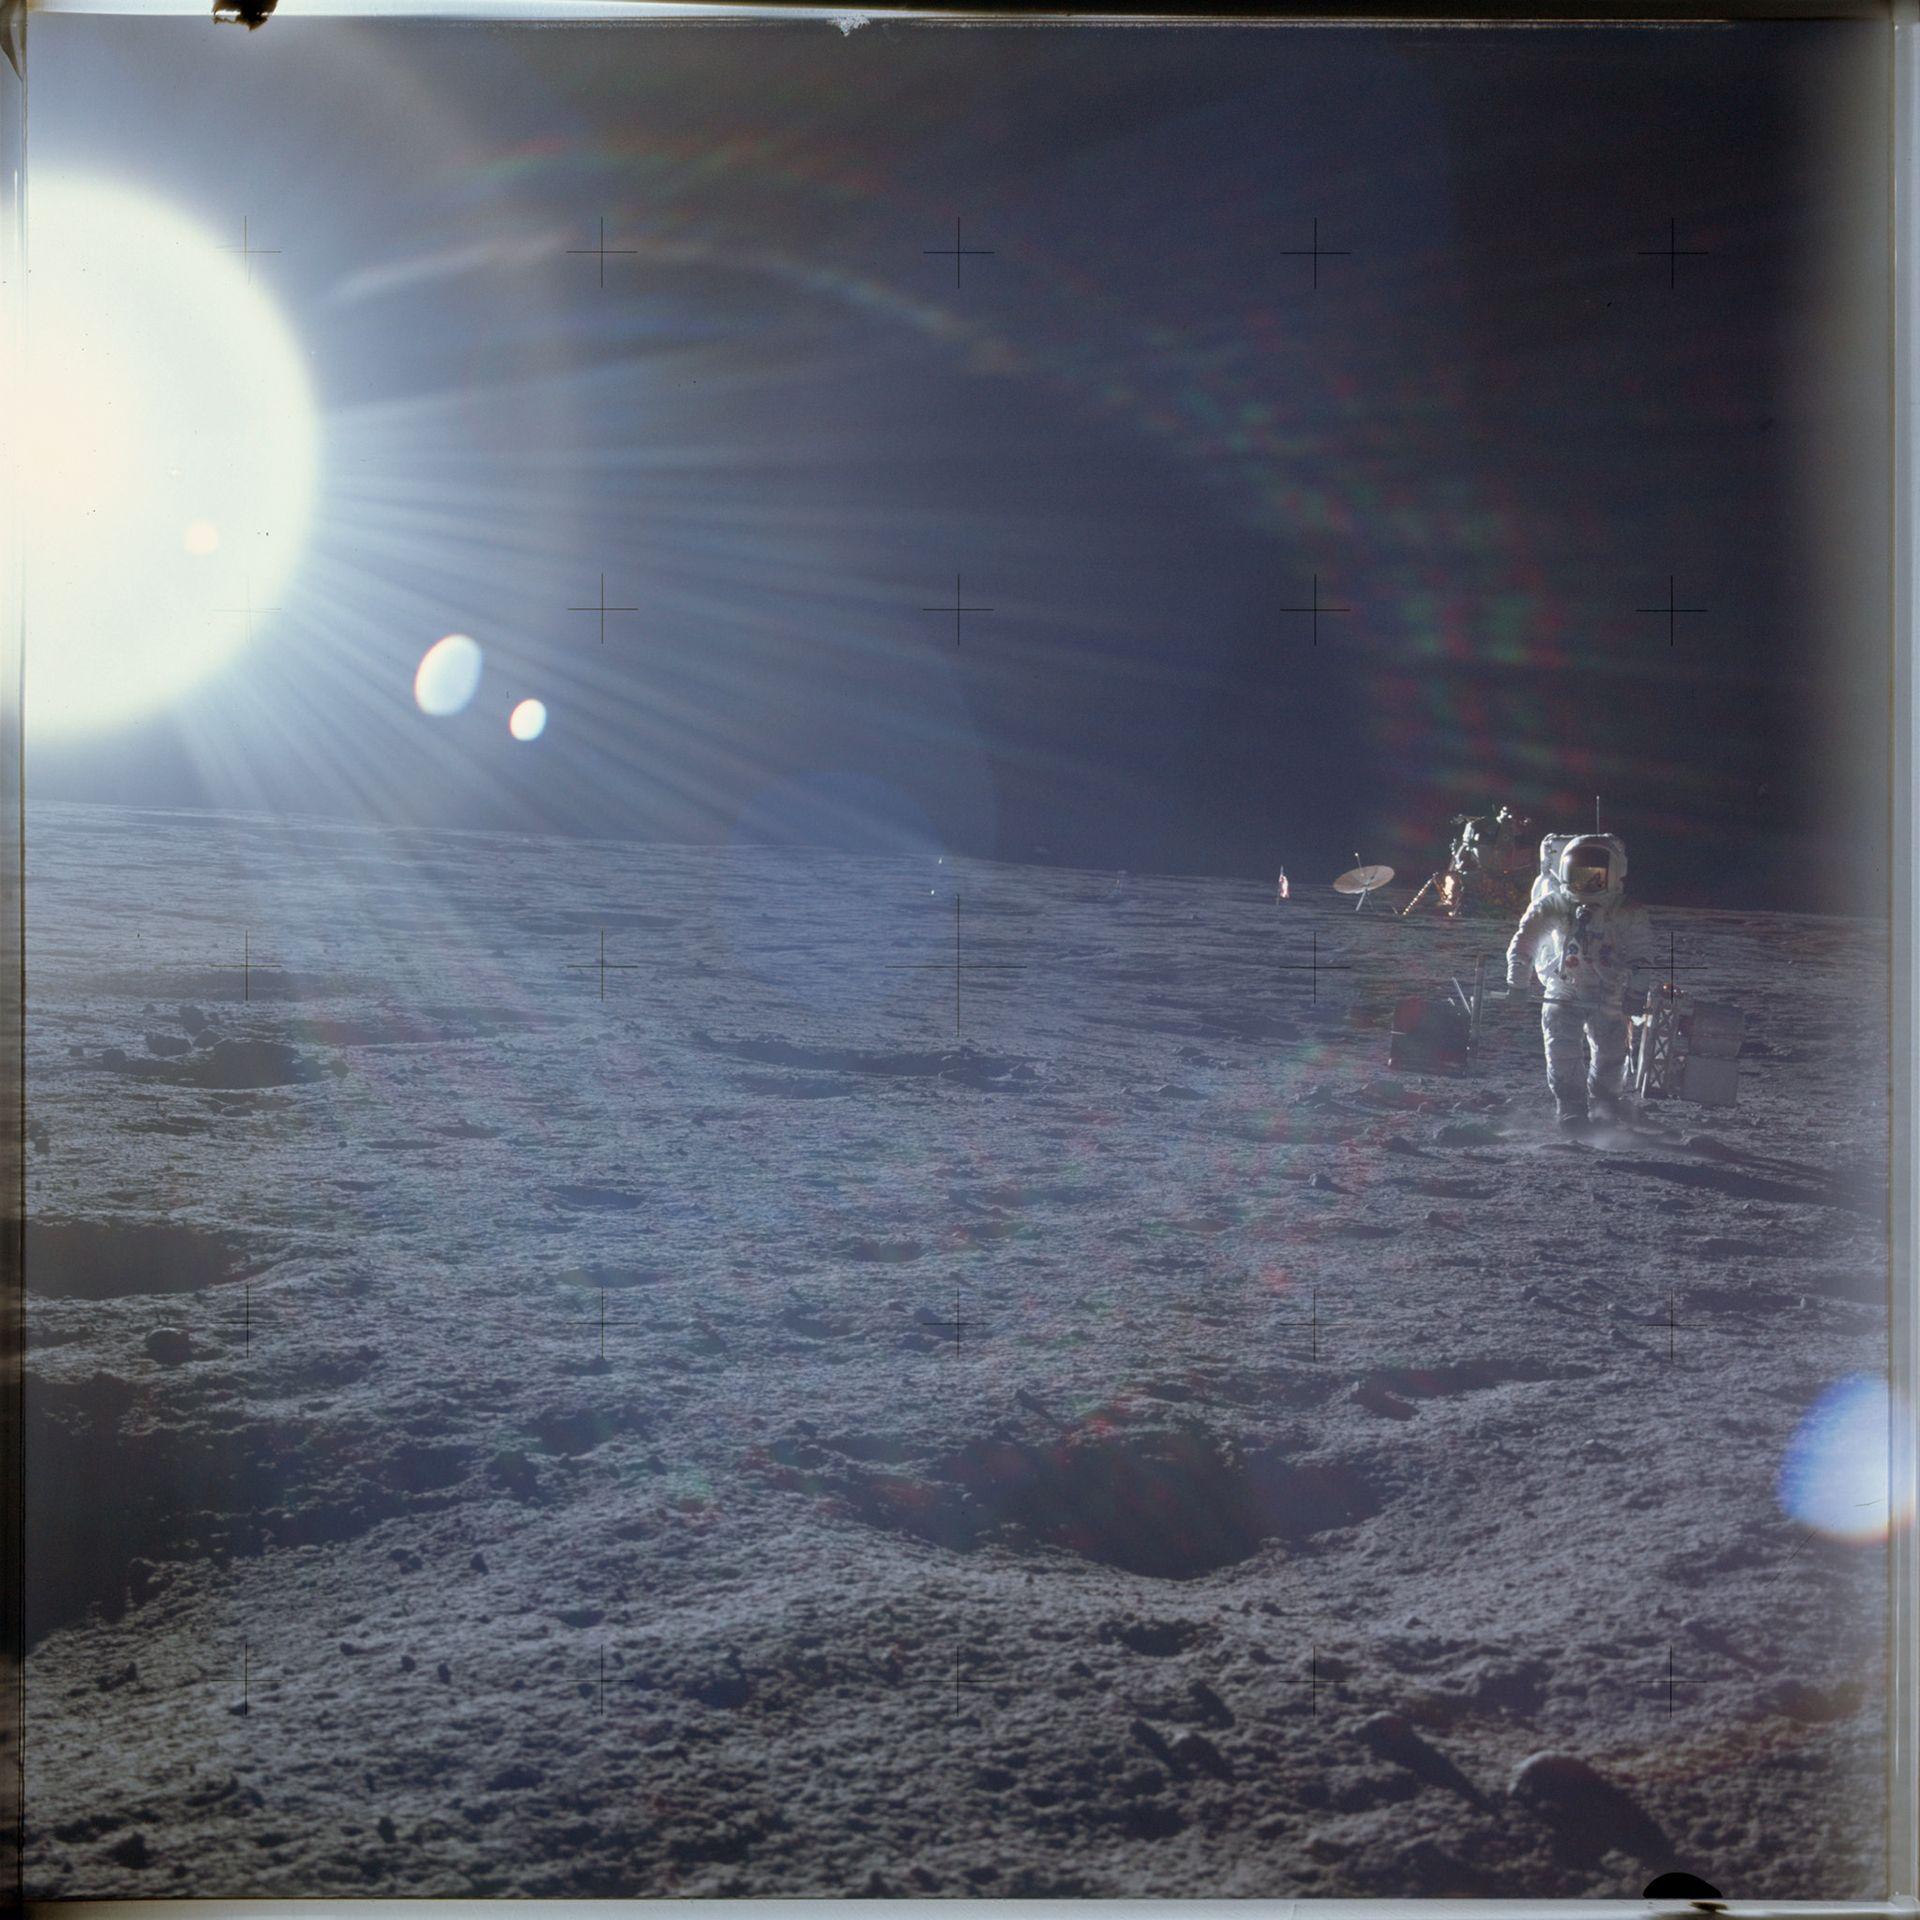 El piloto del módulo lunar Alan L. Bean realizando experimentos científicos durante la misión Apolo 12 , el 19 de noviembre de, 1969 (Reuters)